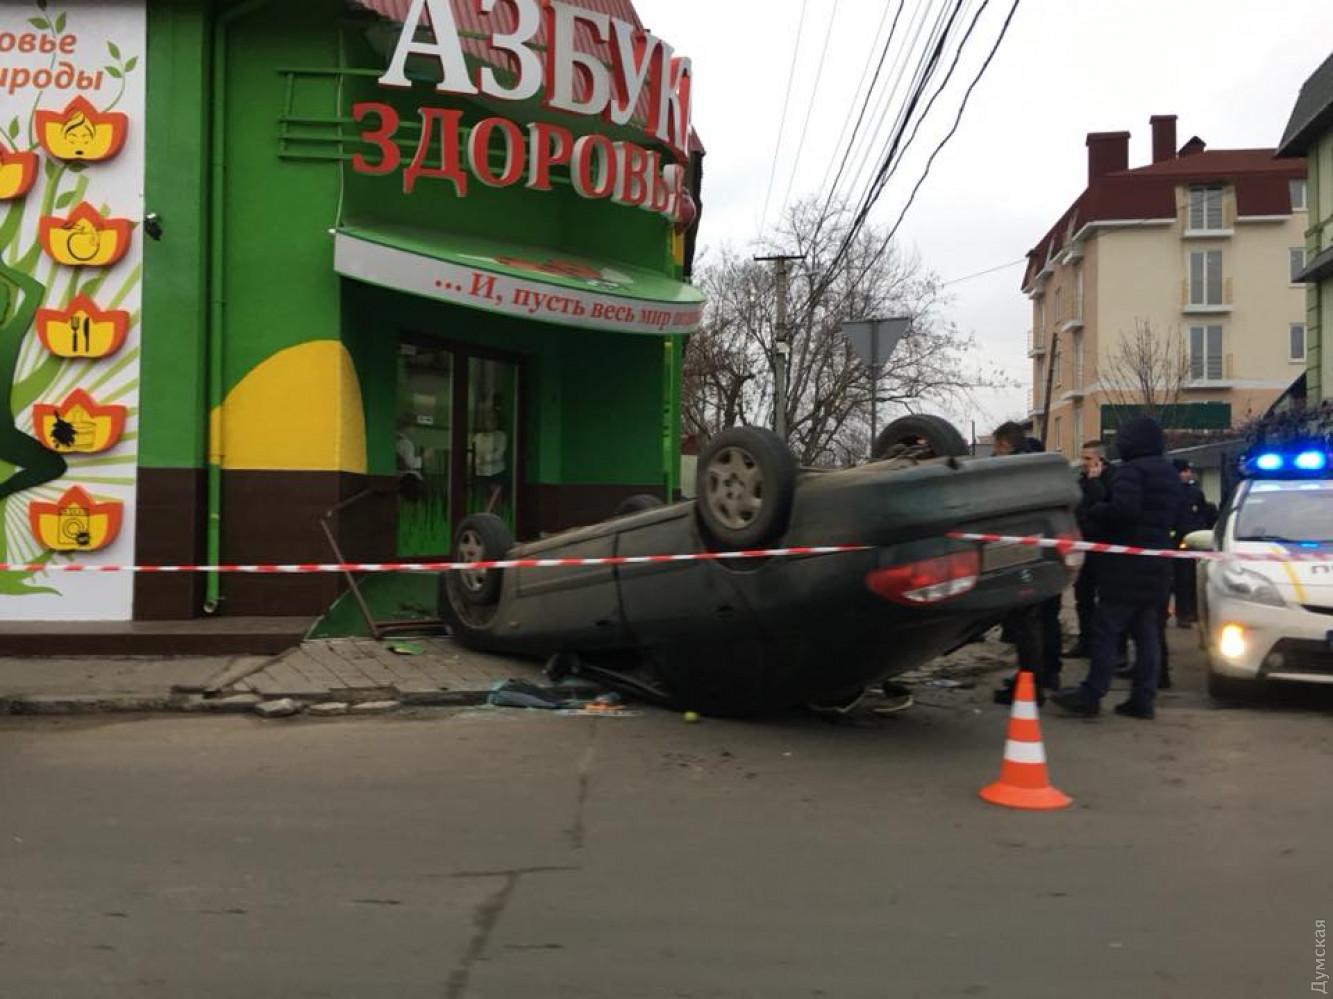 Наодесском Фонтане перевернулся автомобиль с«вором взаконе»